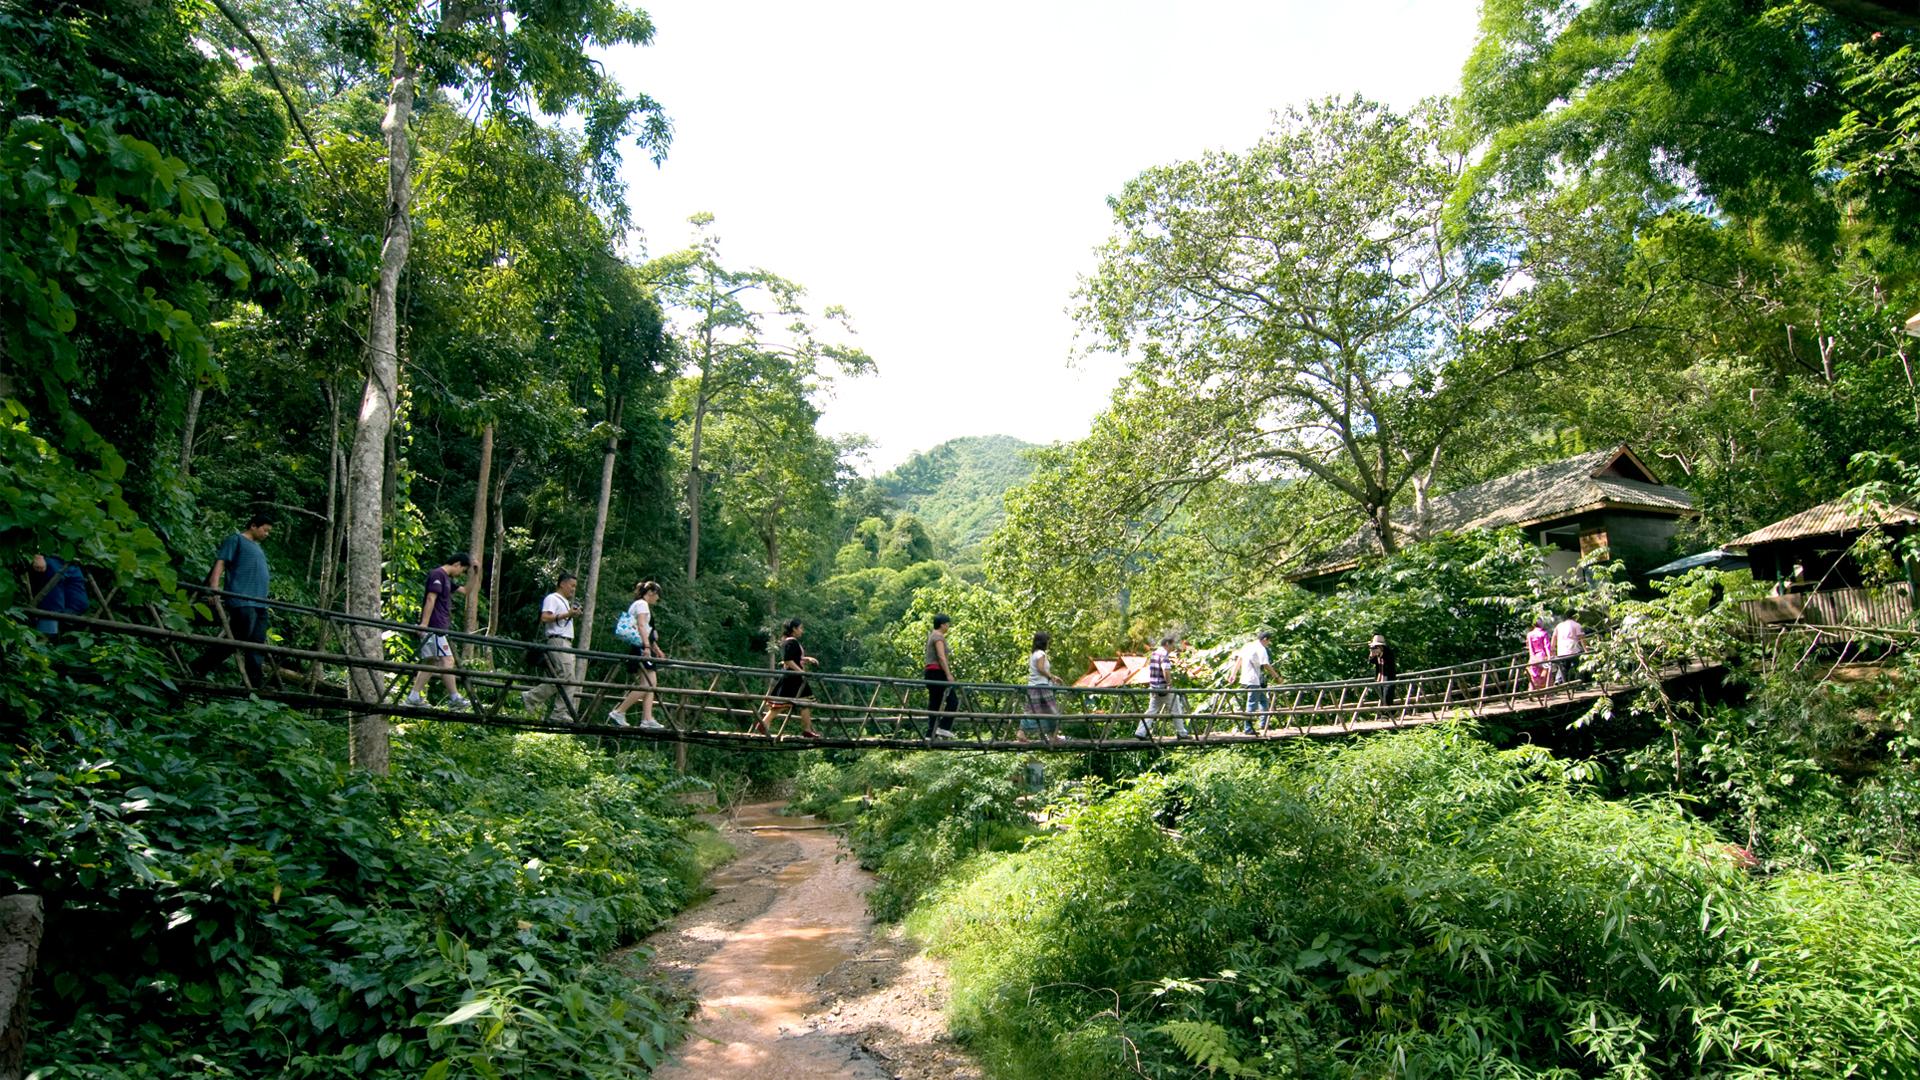 云南旅游景点介绍:西双版纳热带原始森林公园